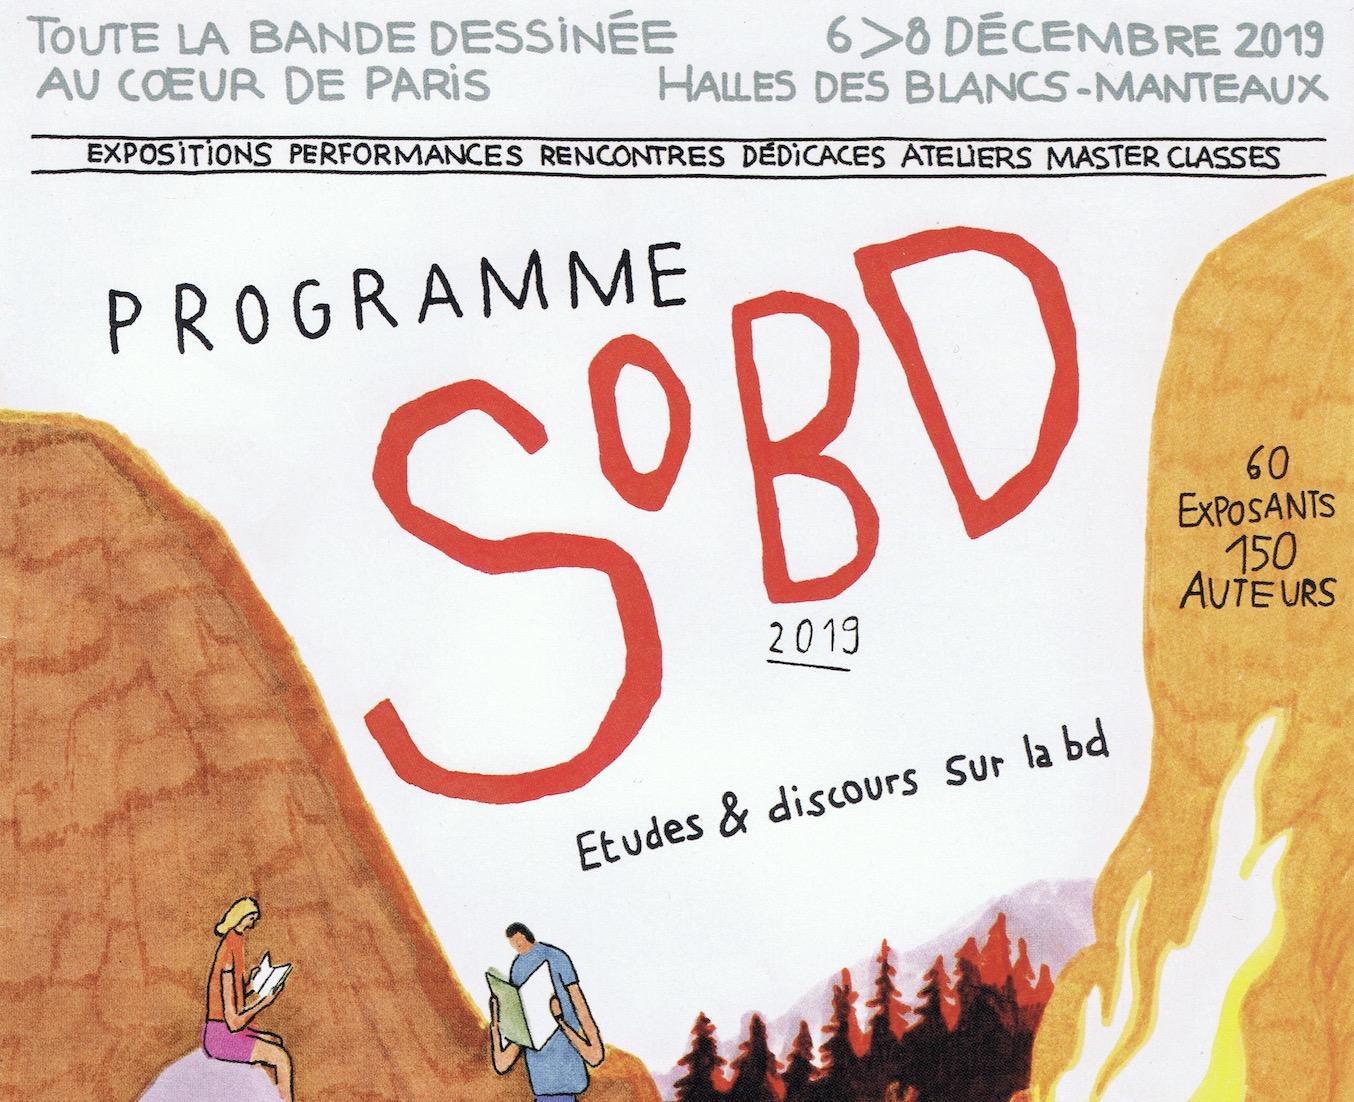 SoBD 2019 : Dominique Goblet, Jean-Christophe Menu et bande dessinée polonaise